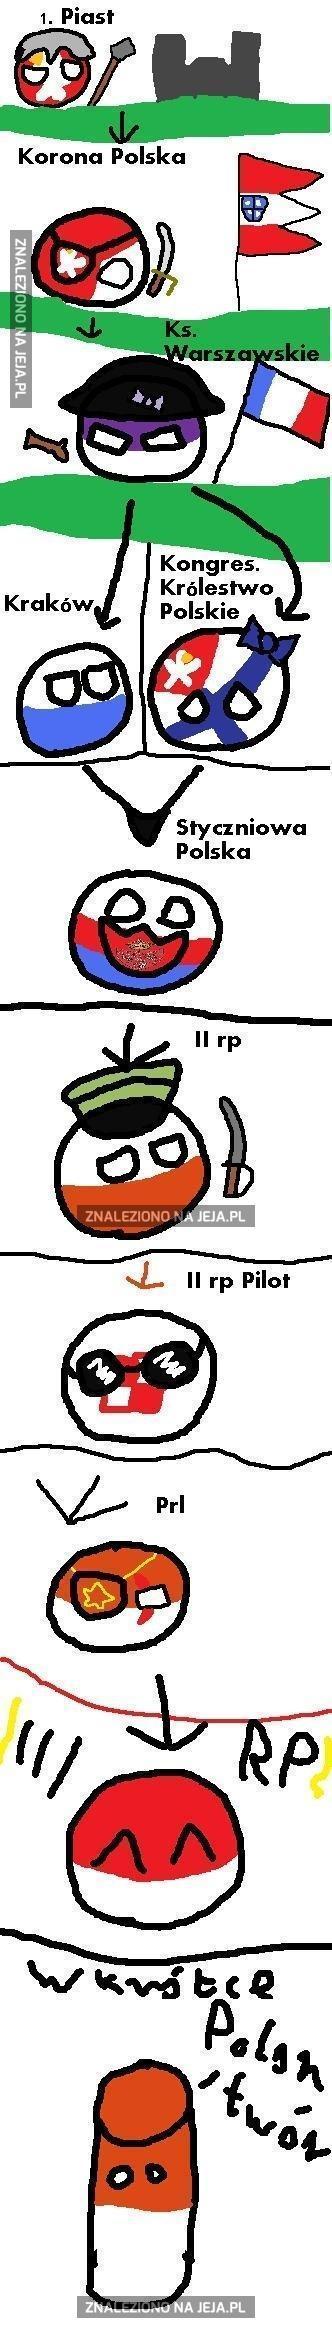 Polska - chronologicznie